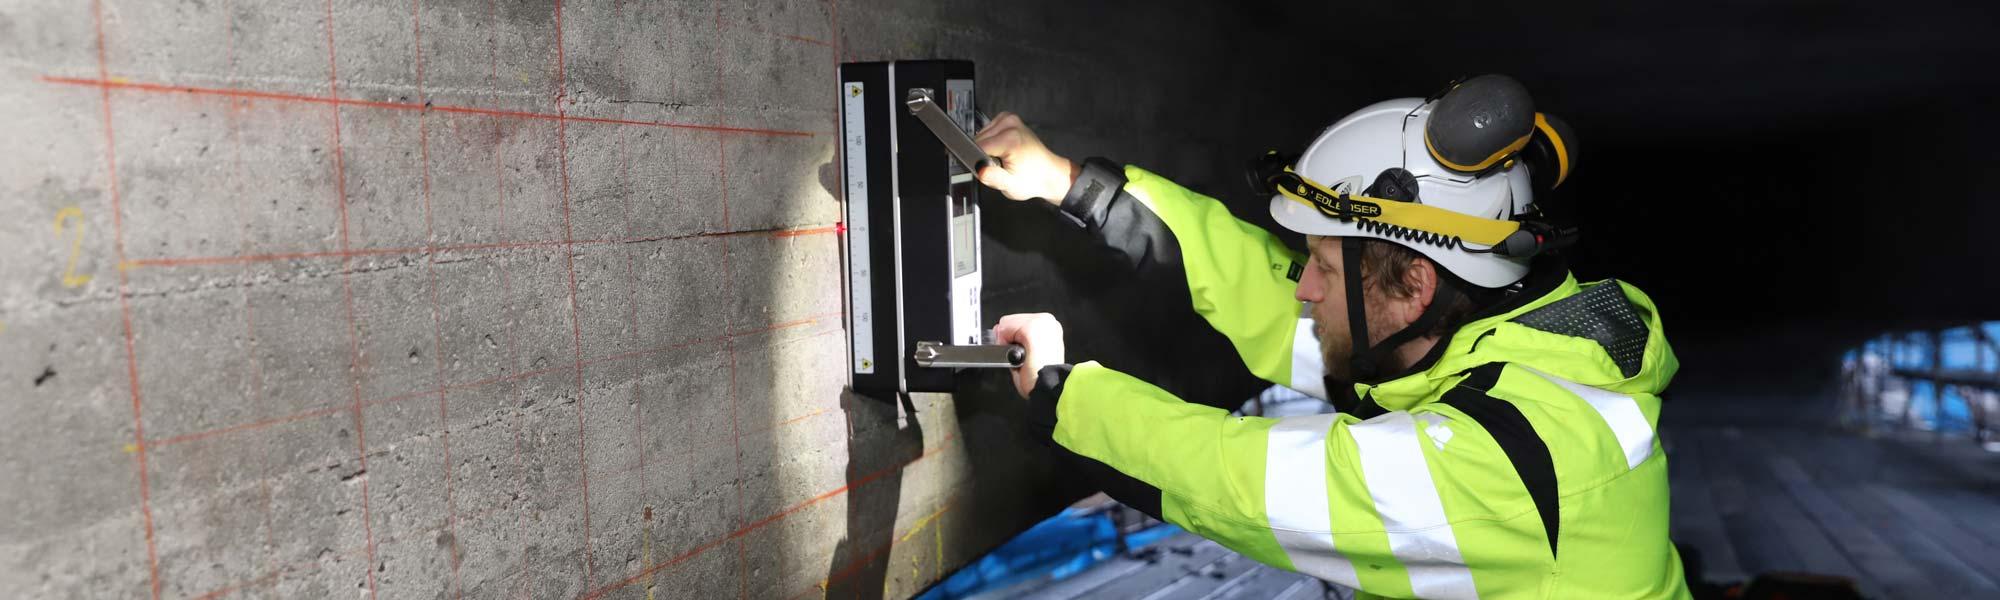 Tomografimätning av betongkonstruktion